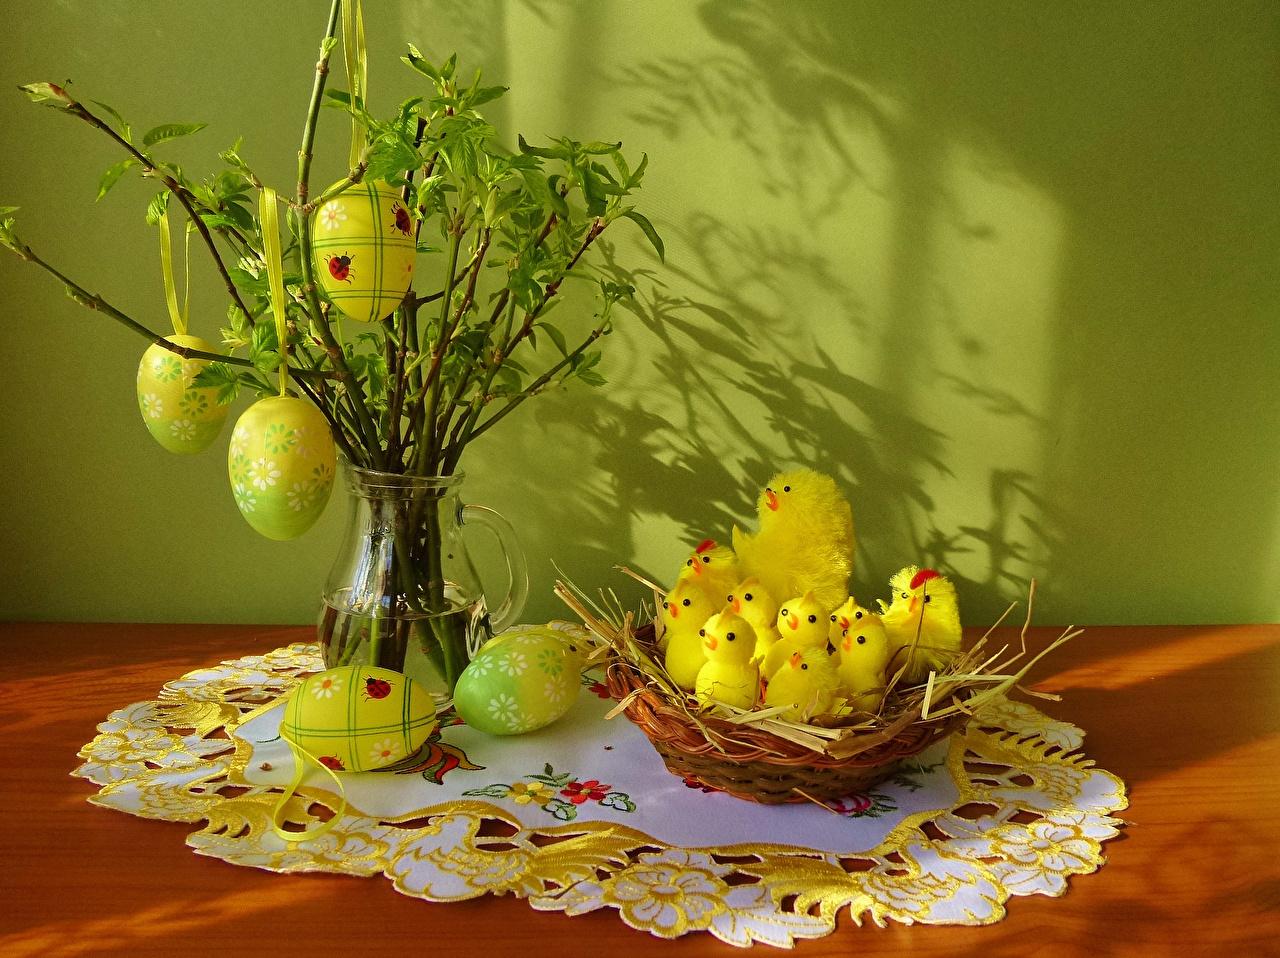 Картинка Пасха птенец яйцо Гнездо Праздники Птенцы яиц Яйца яйцами гнезда гнезде